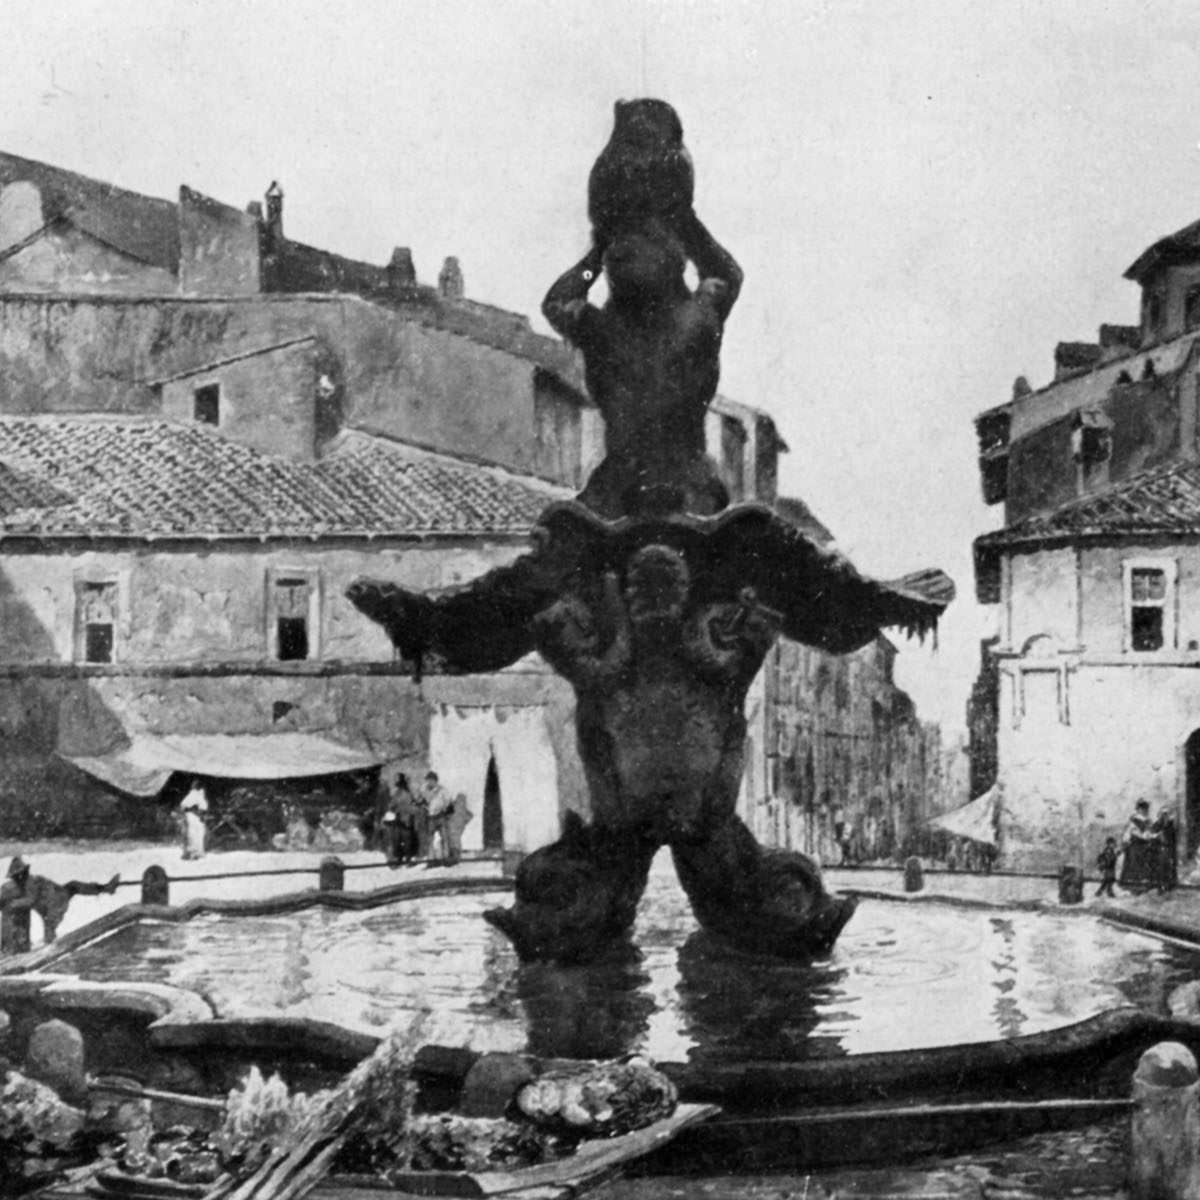 Piazza Barberini - Acquerello Ettore Roesler Franz